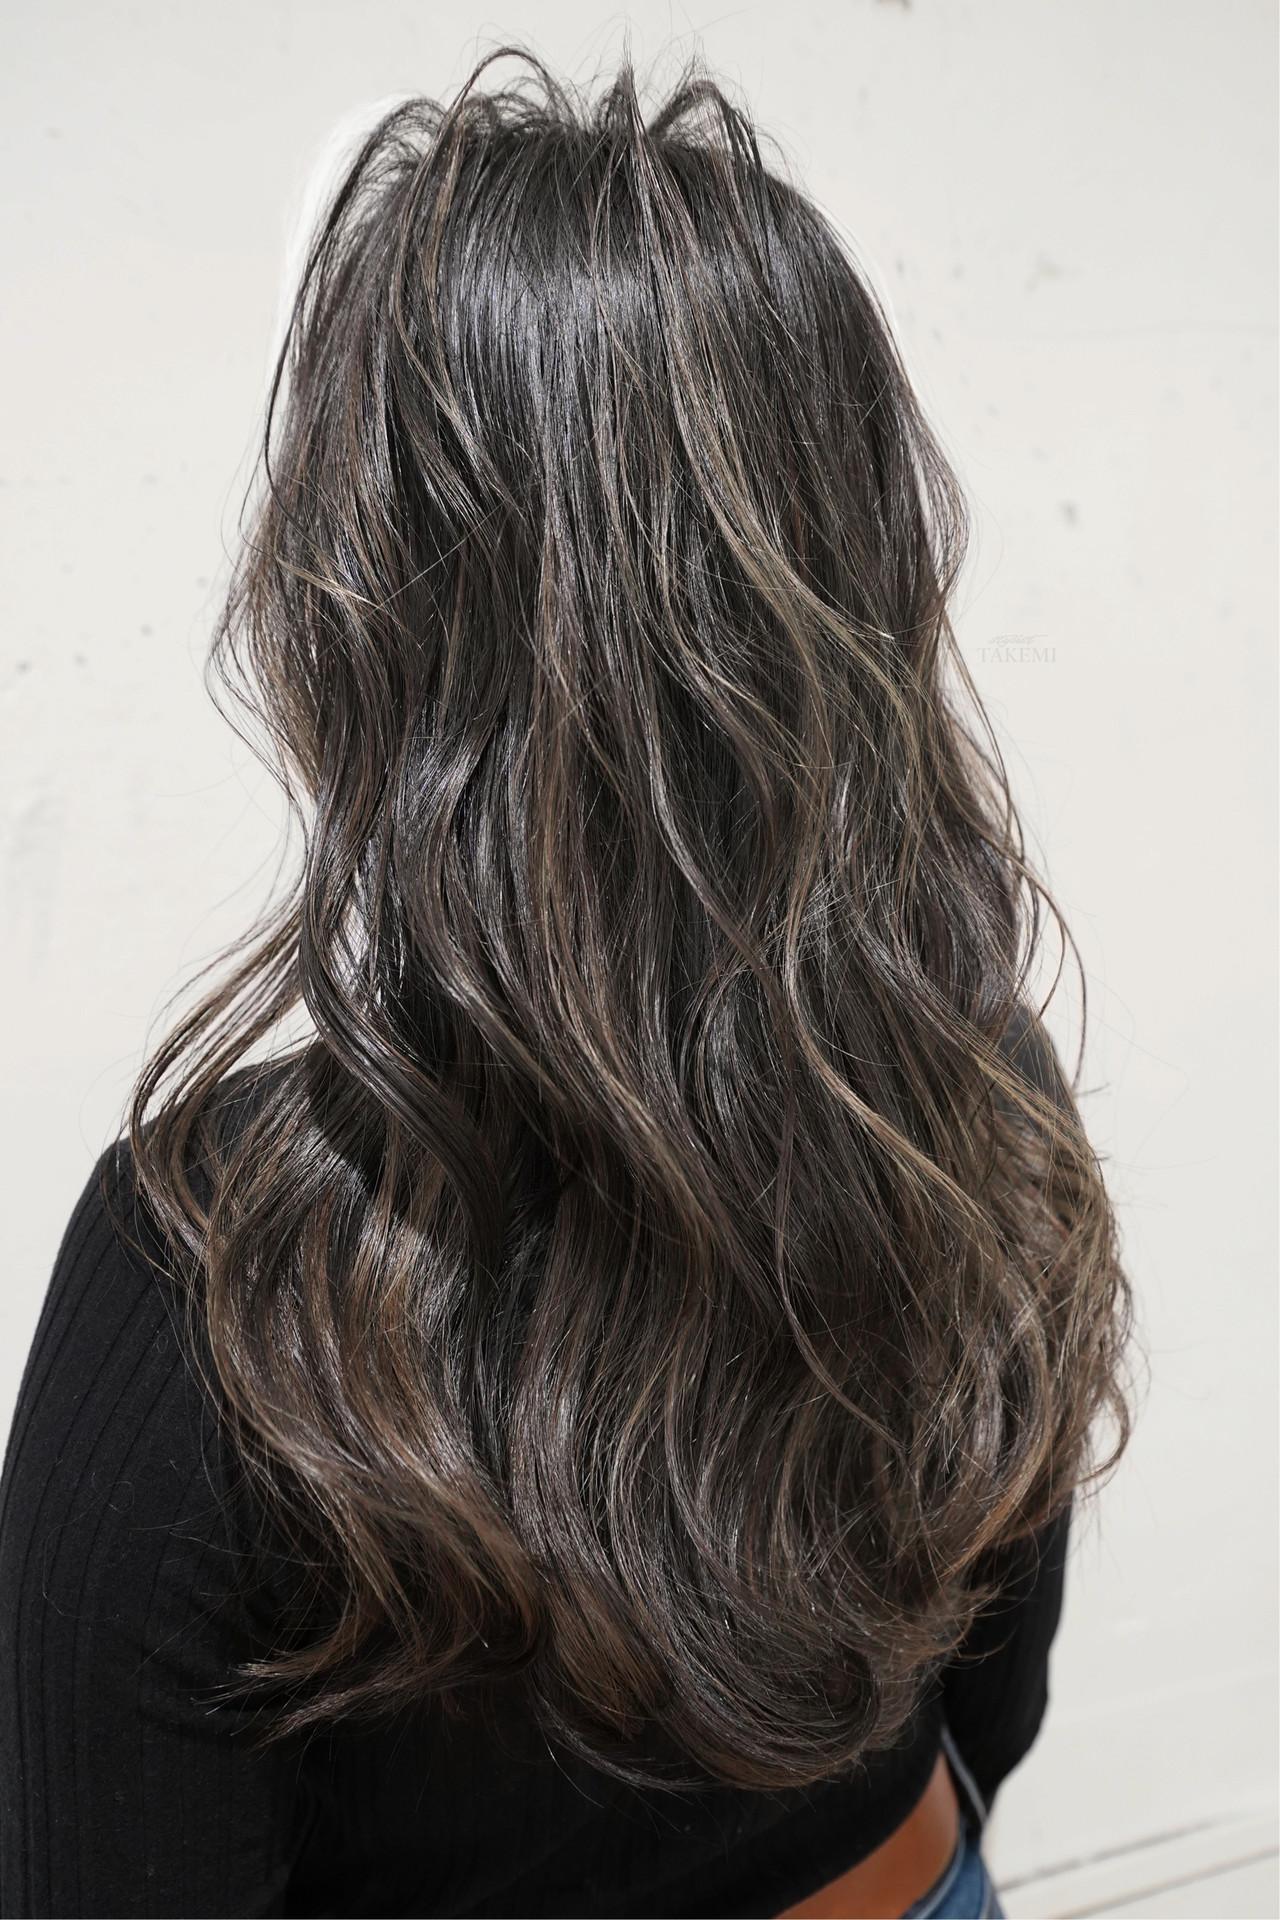 バレイヤージュ グレージュ ハイライト ナチュラル ヘアスタイルや髪型の写真・画像 | TAKEMI / BEBE 表参道